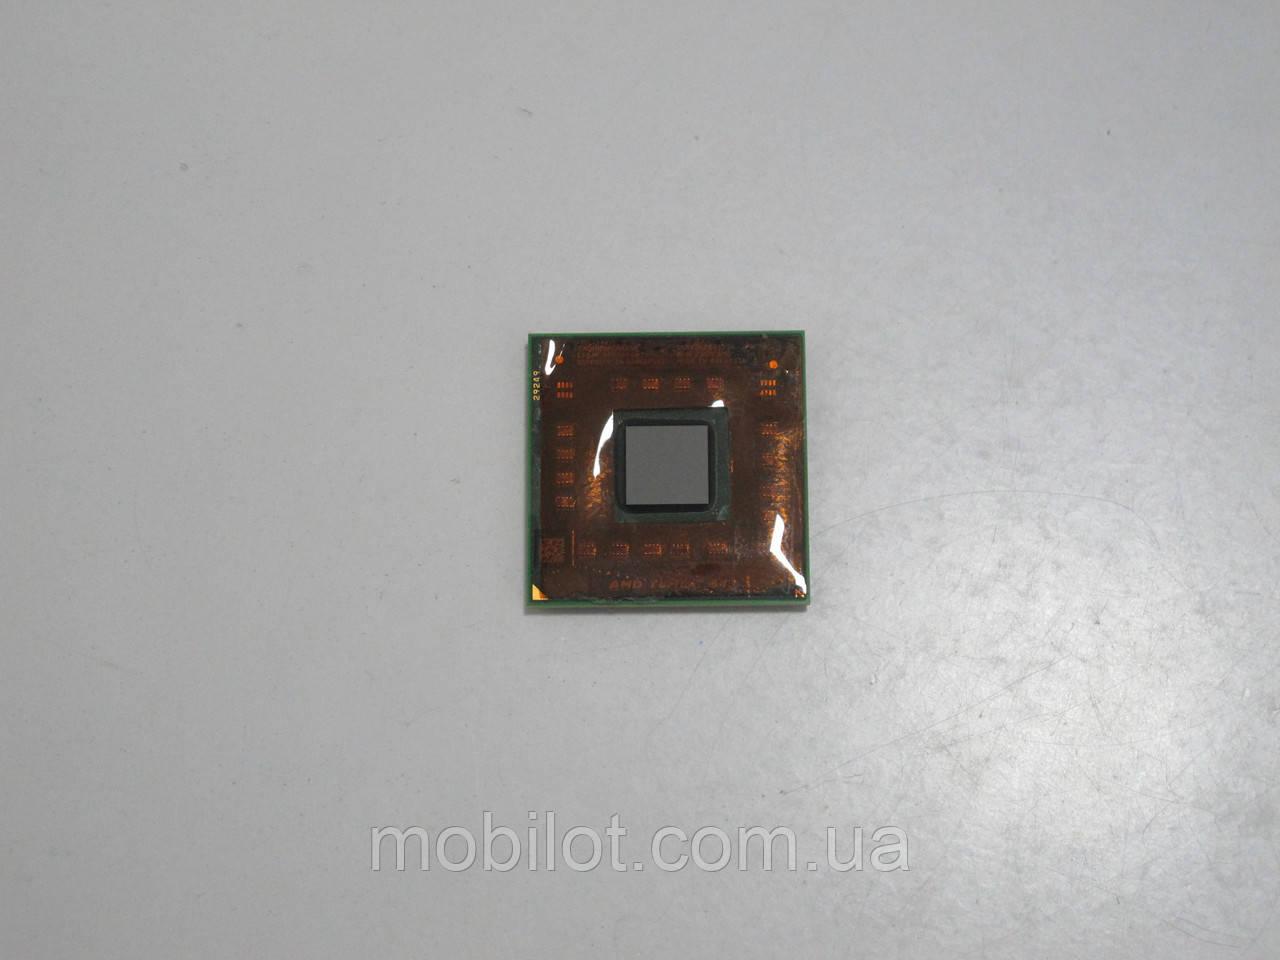 Процессор AMD Turion 64 MK-36 (NZ-5879)